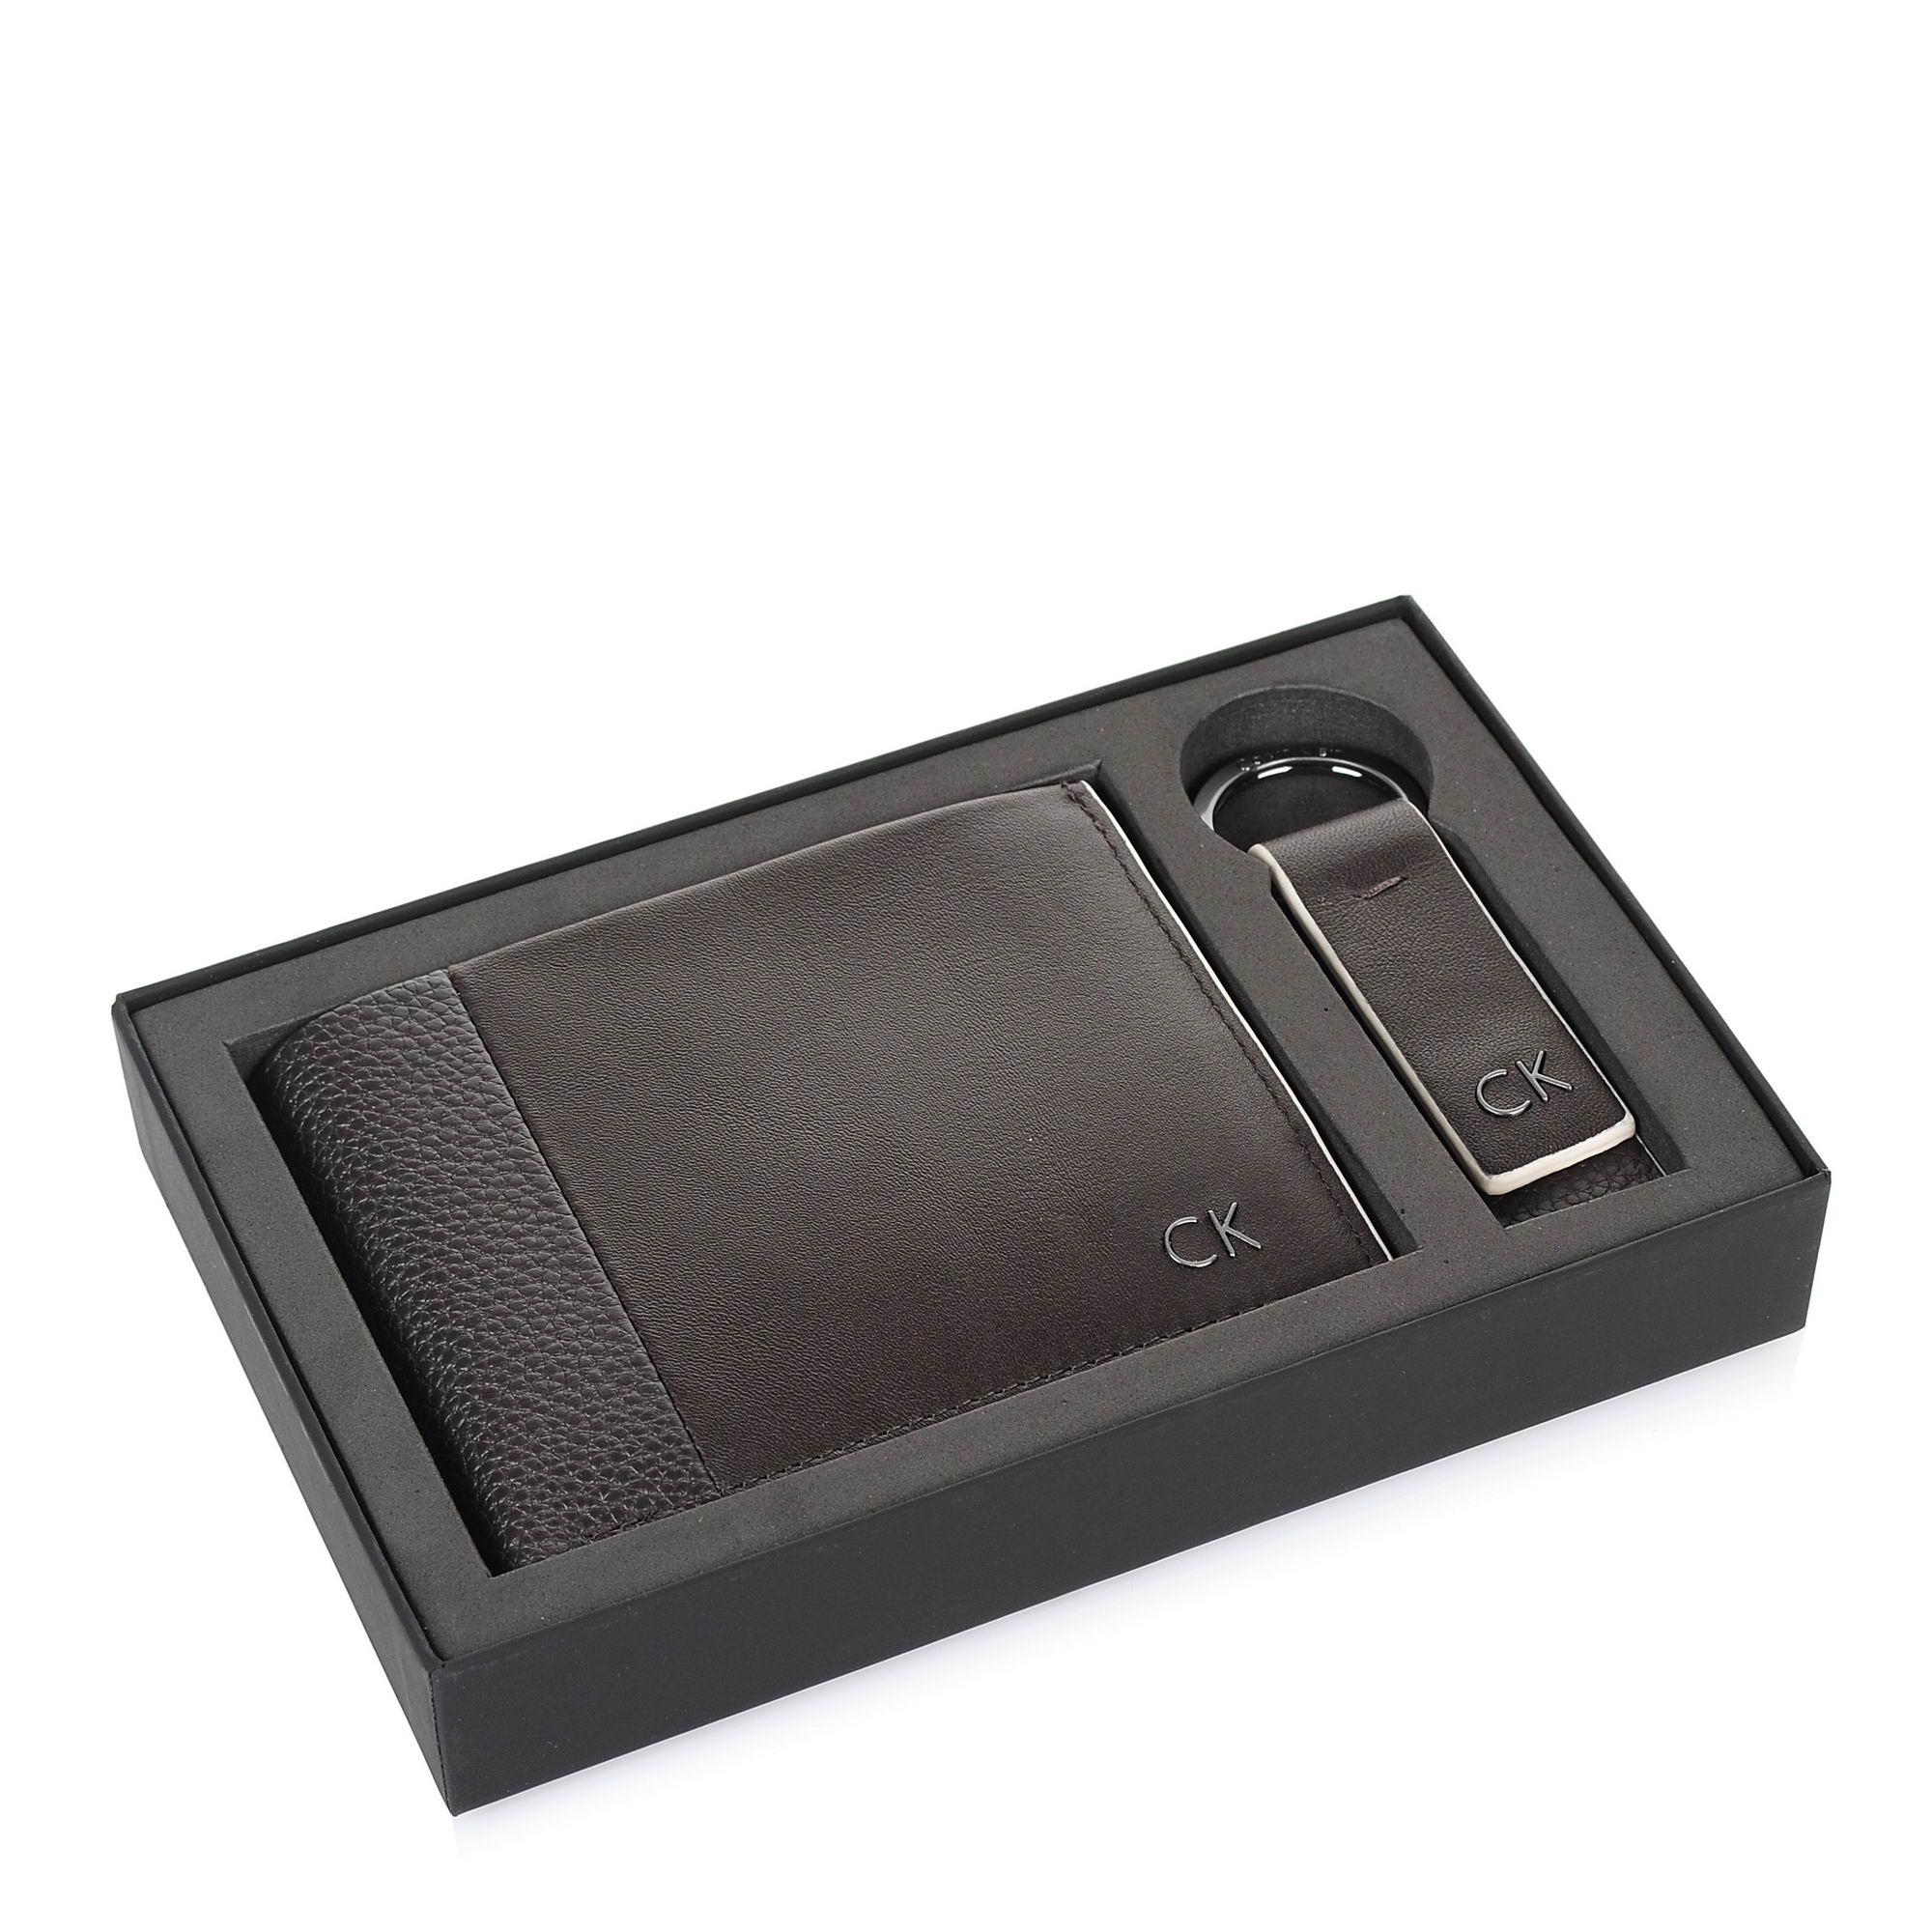 Σετ Δερμάτινο Πορτοφόλι - Μπρελόκ Calvin Klein New Nathan Giftbox K50K503708 ανδρας   ανδρικό πορτοφόλι